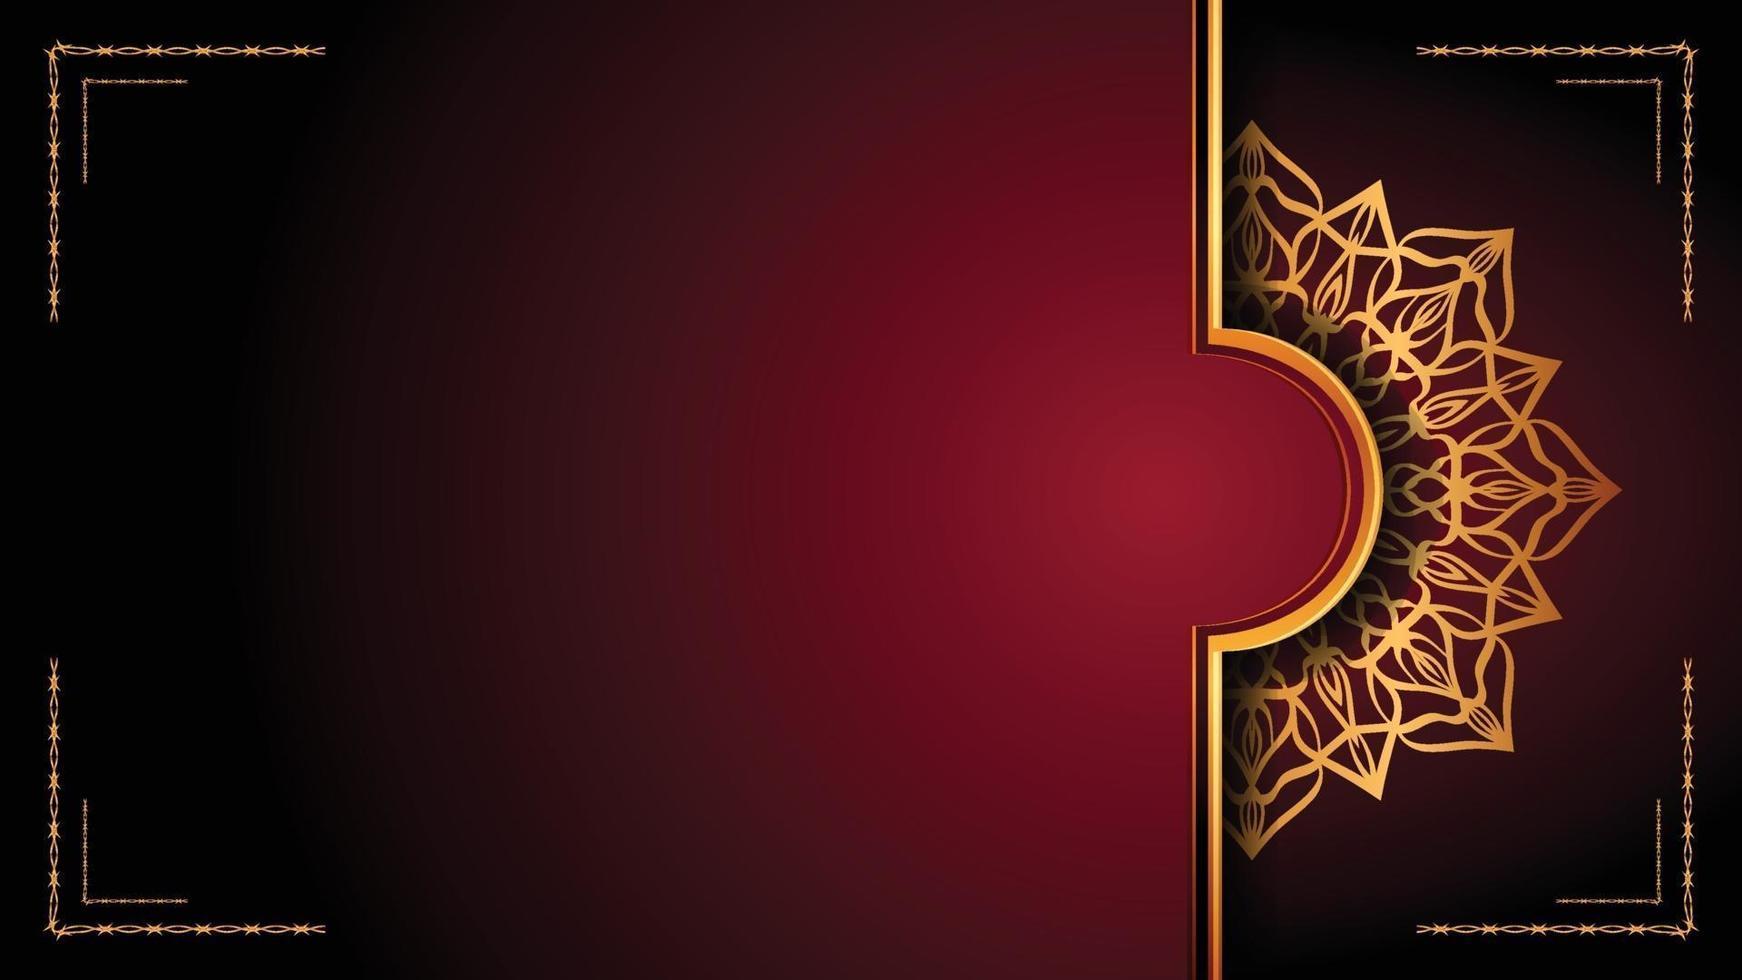 Luxus-Mandala-Zierhintergrunddesign mit goldenem Arabeskenmusterstil. dekorative Mandala-Verzierung für Druck, Broschüre, Banner, Umschlag, Plakat, Einladungskarte. vektor